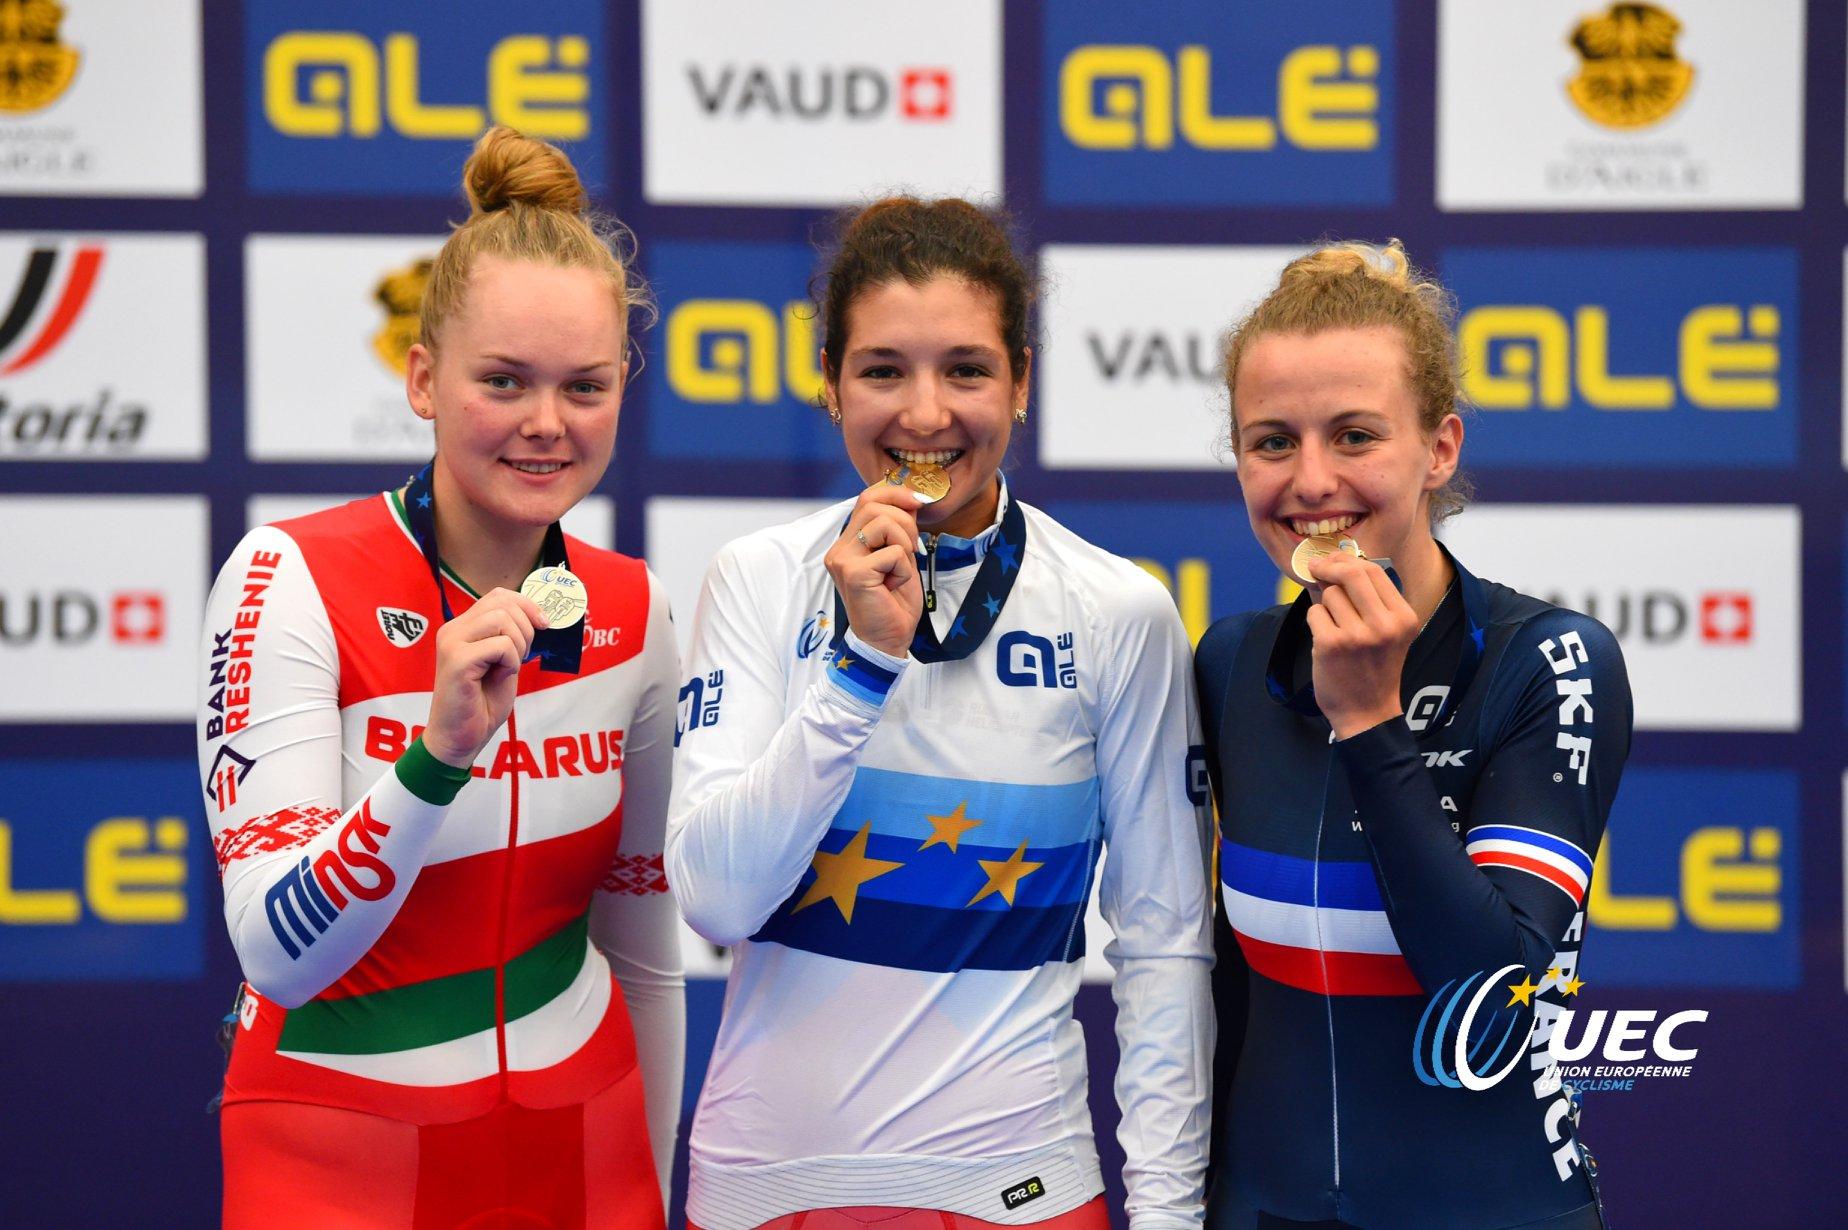 Il podio dei Campionati Europei Corsa a punti Donne U23